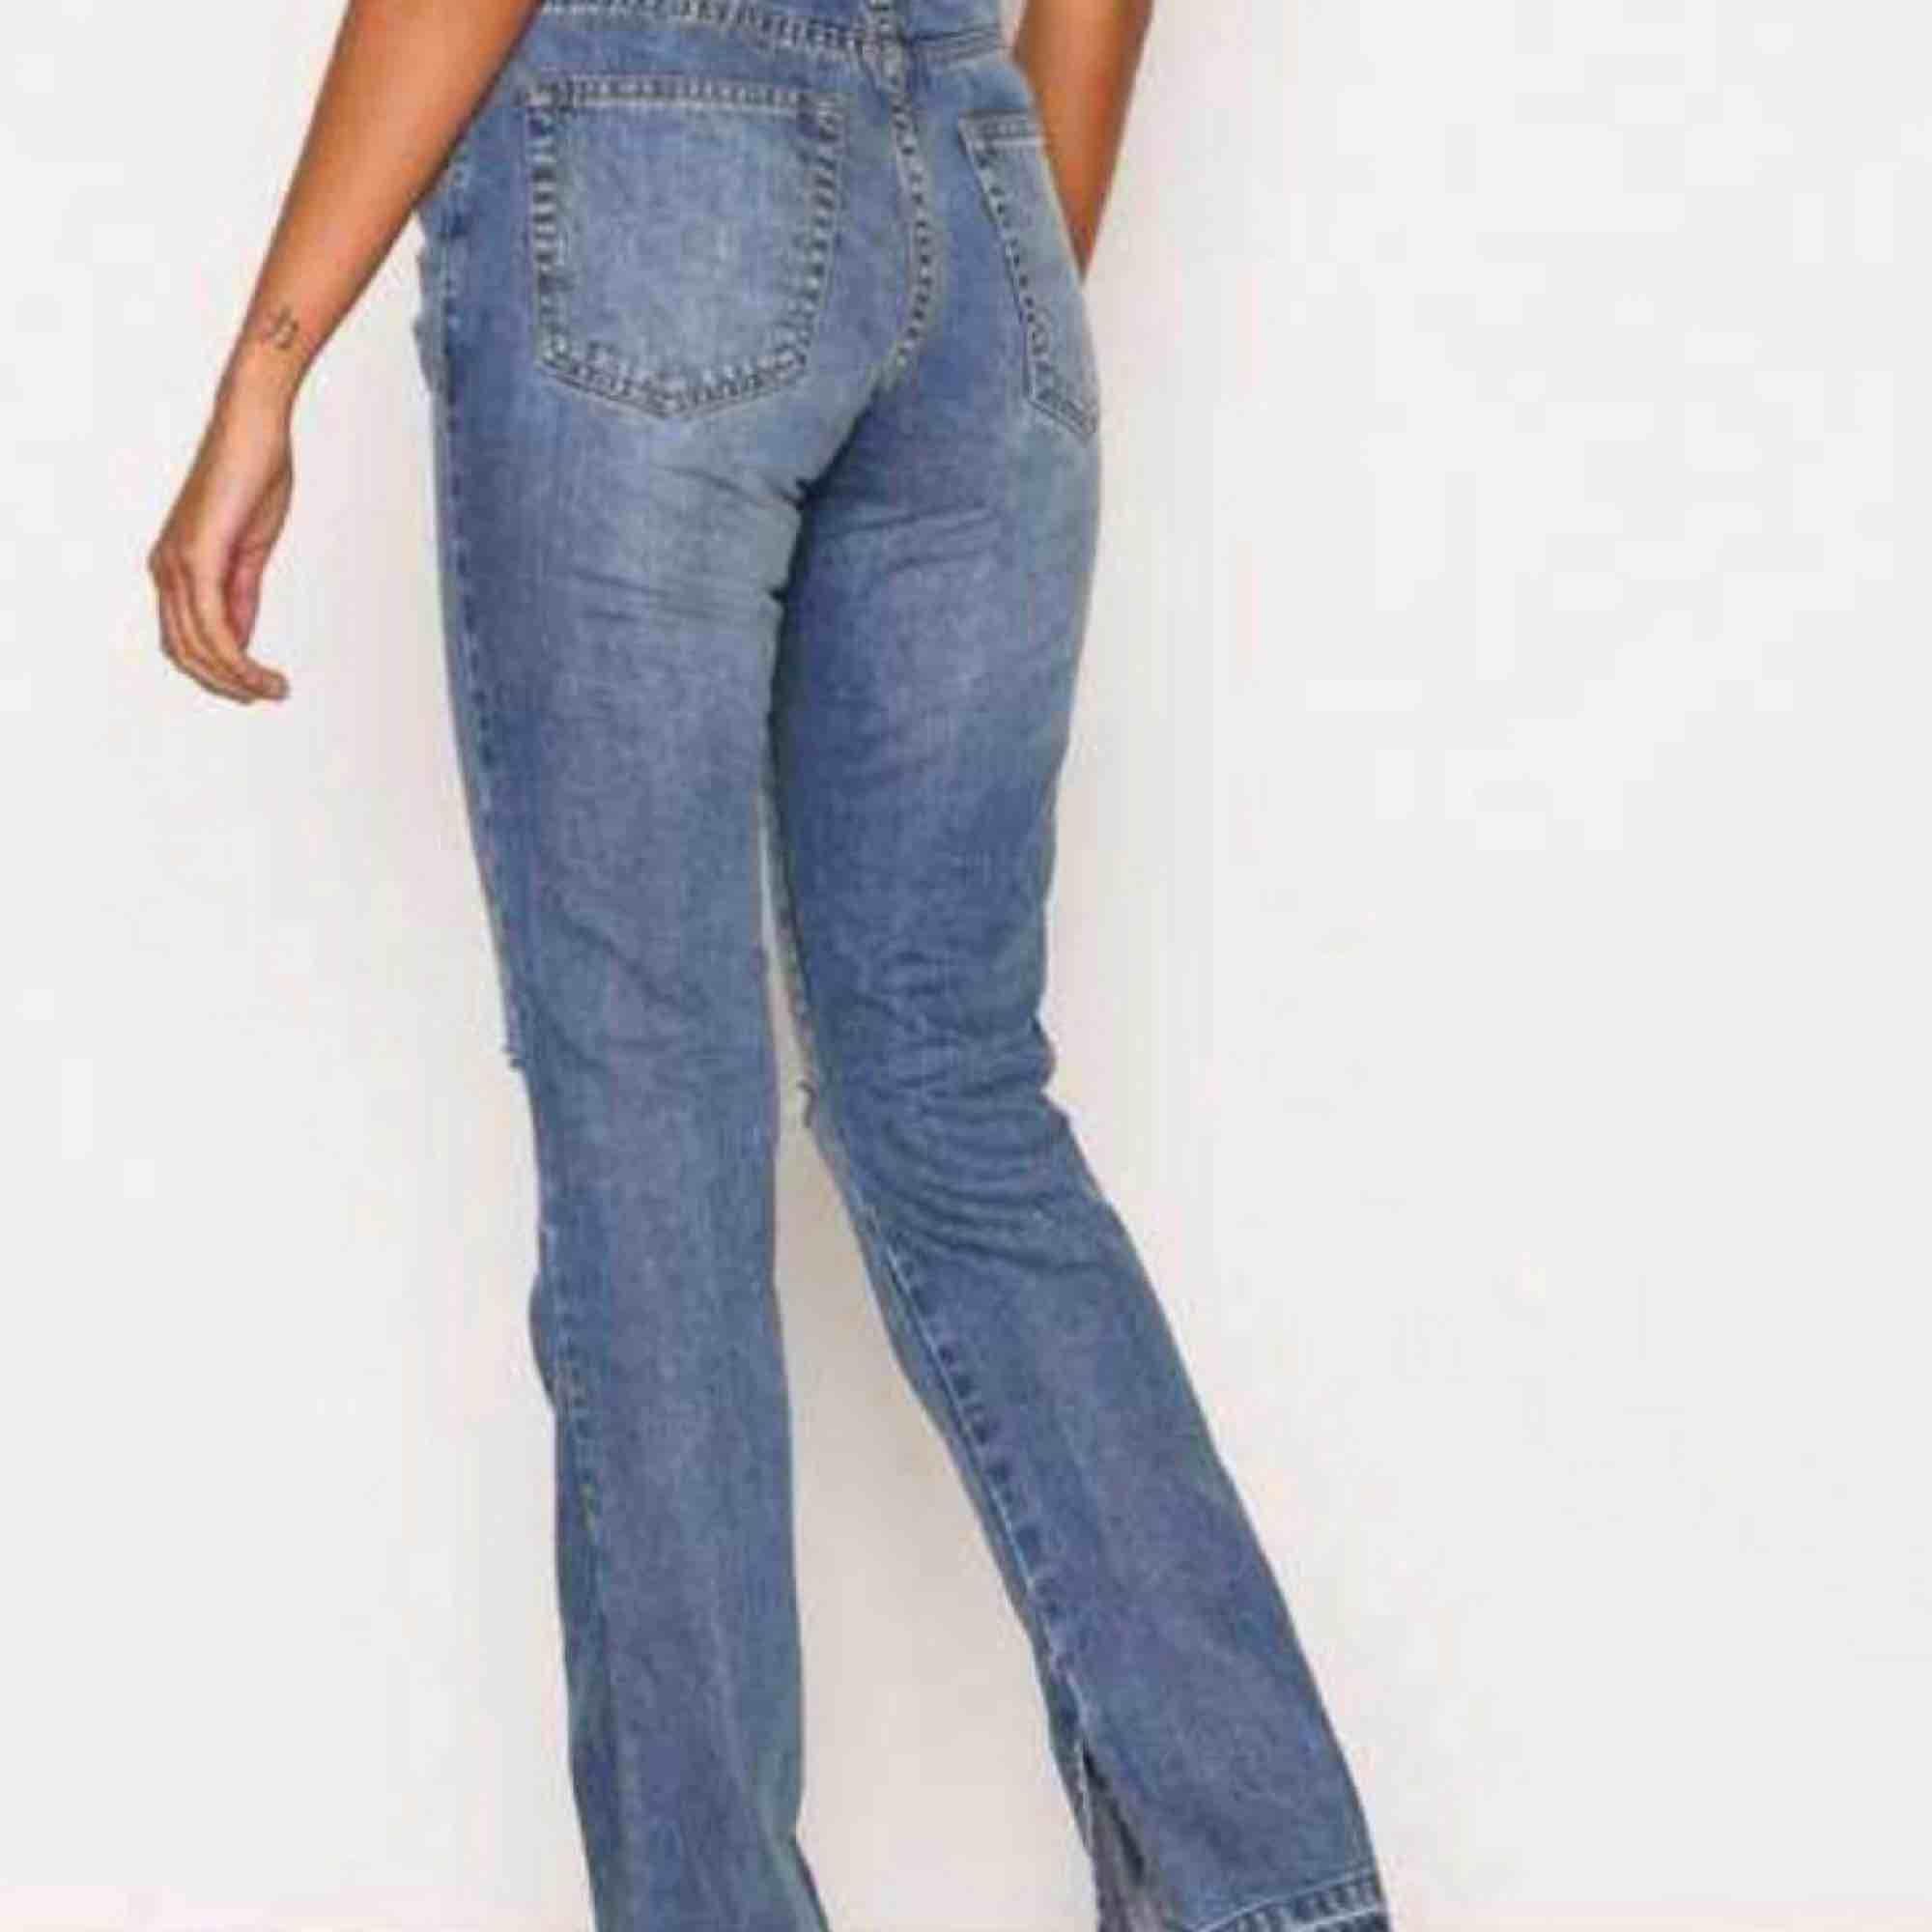 Ett par sjuuukt snygga jeans fr - Jeans   Byxor - Second Hand 83ddb4d6e4a3b